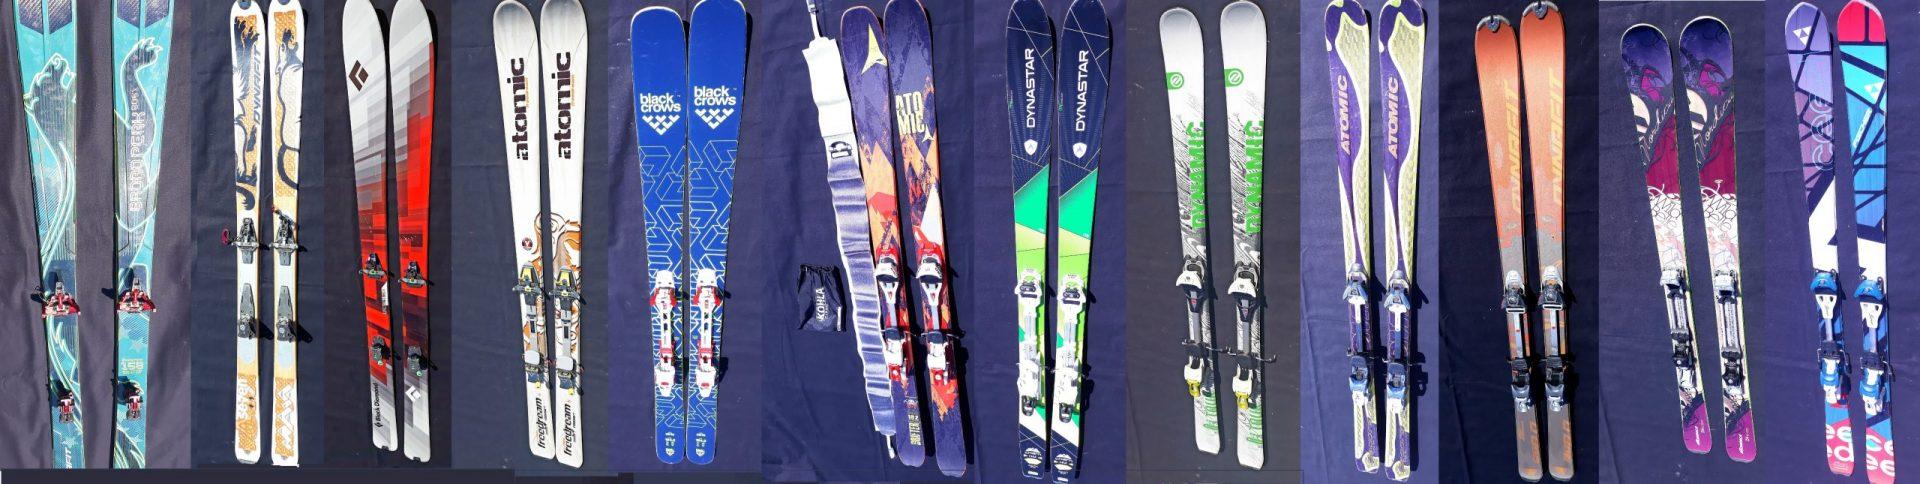 Pentru cei interesați de achiziționarea unei perechi de schiuri de tură second-hand,